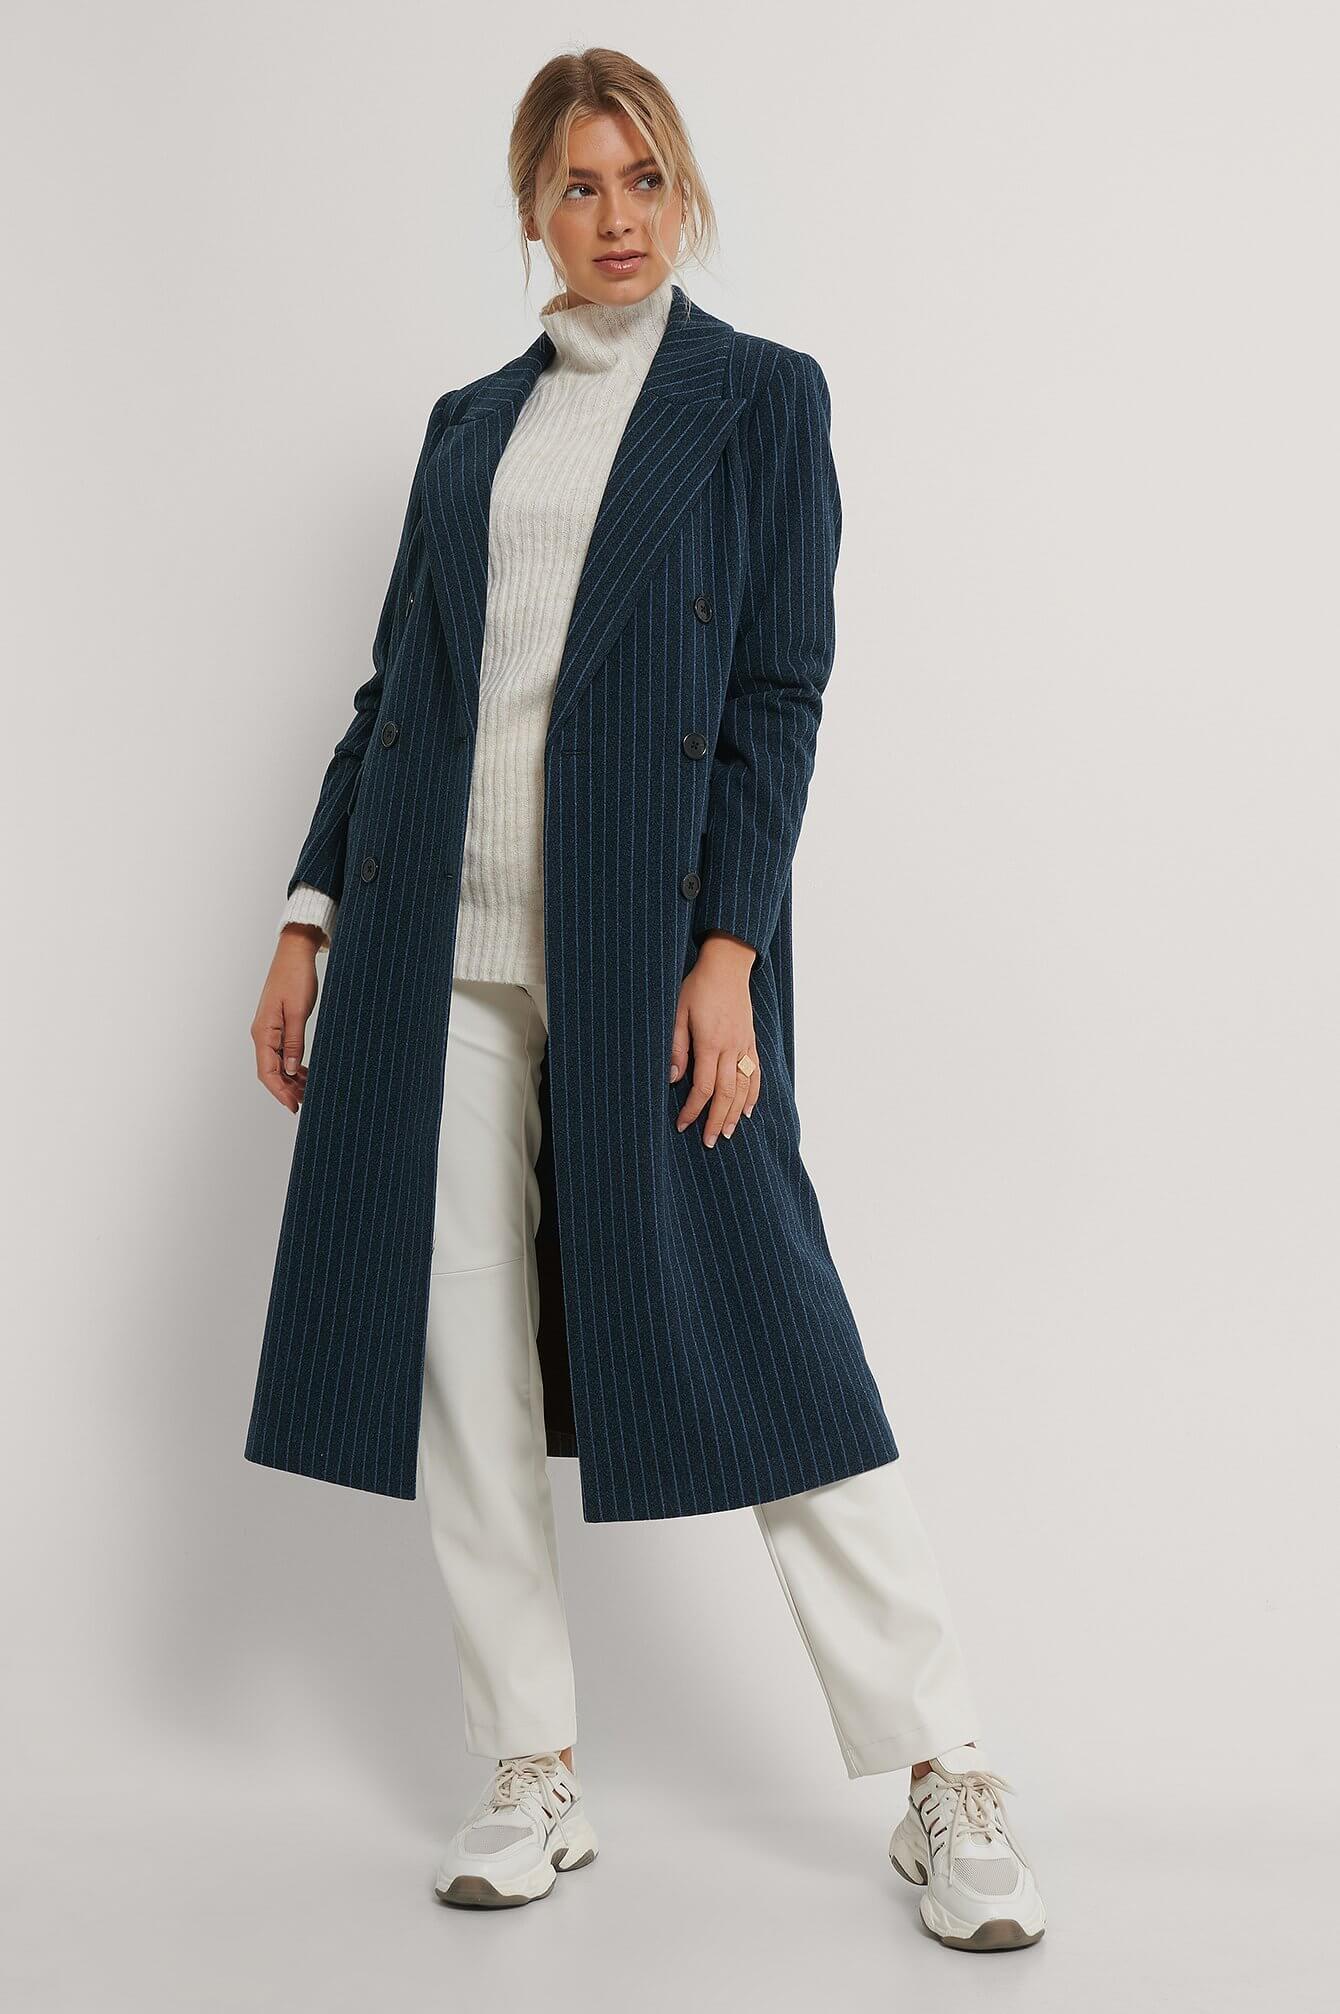 En lång kappa från NA-KD i blått, randigt motiv.